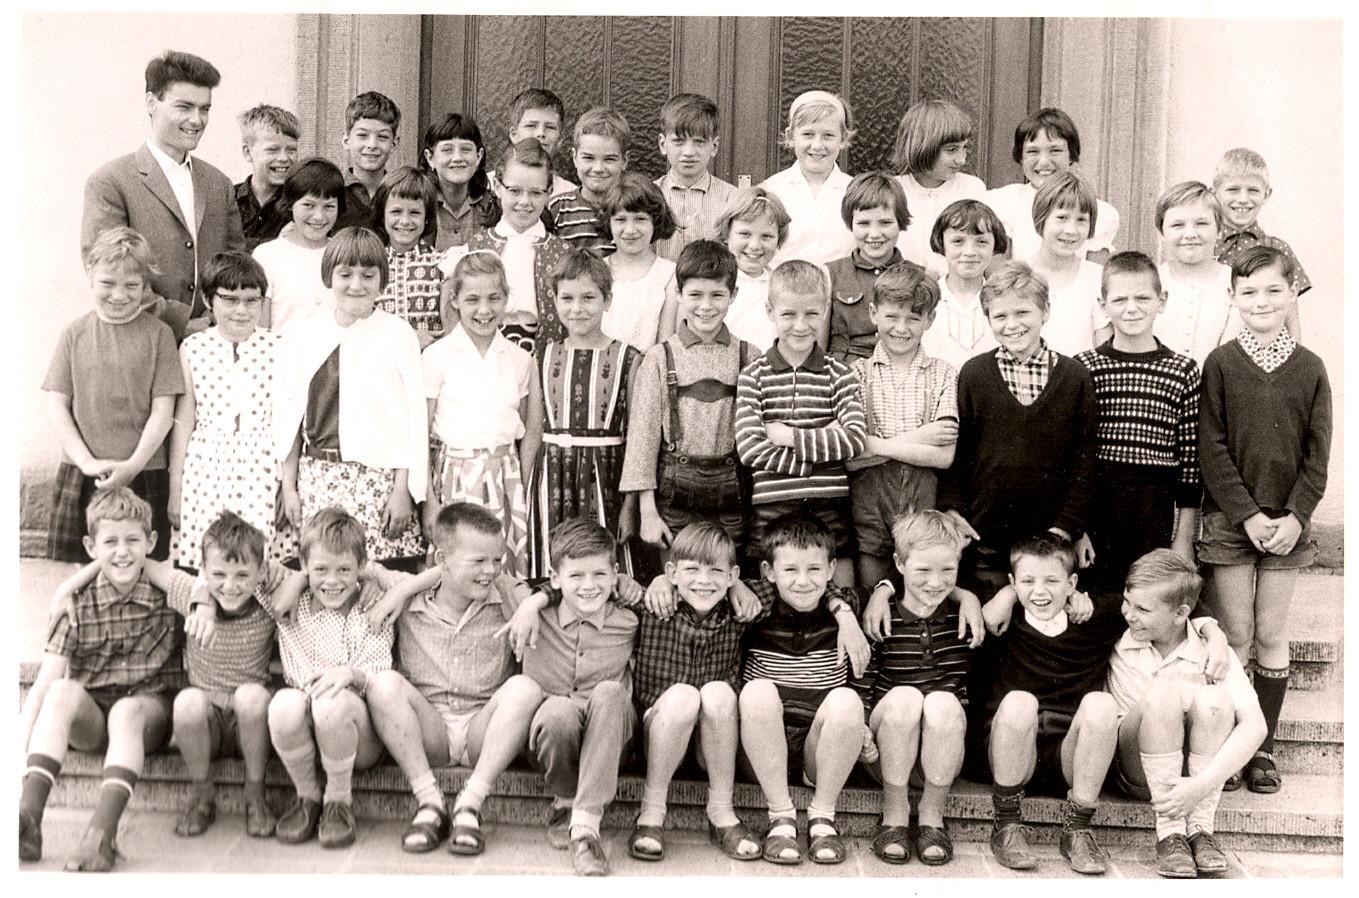 Jahrgang 1957, Bild: Wanke,Ingrid geb. Gohl